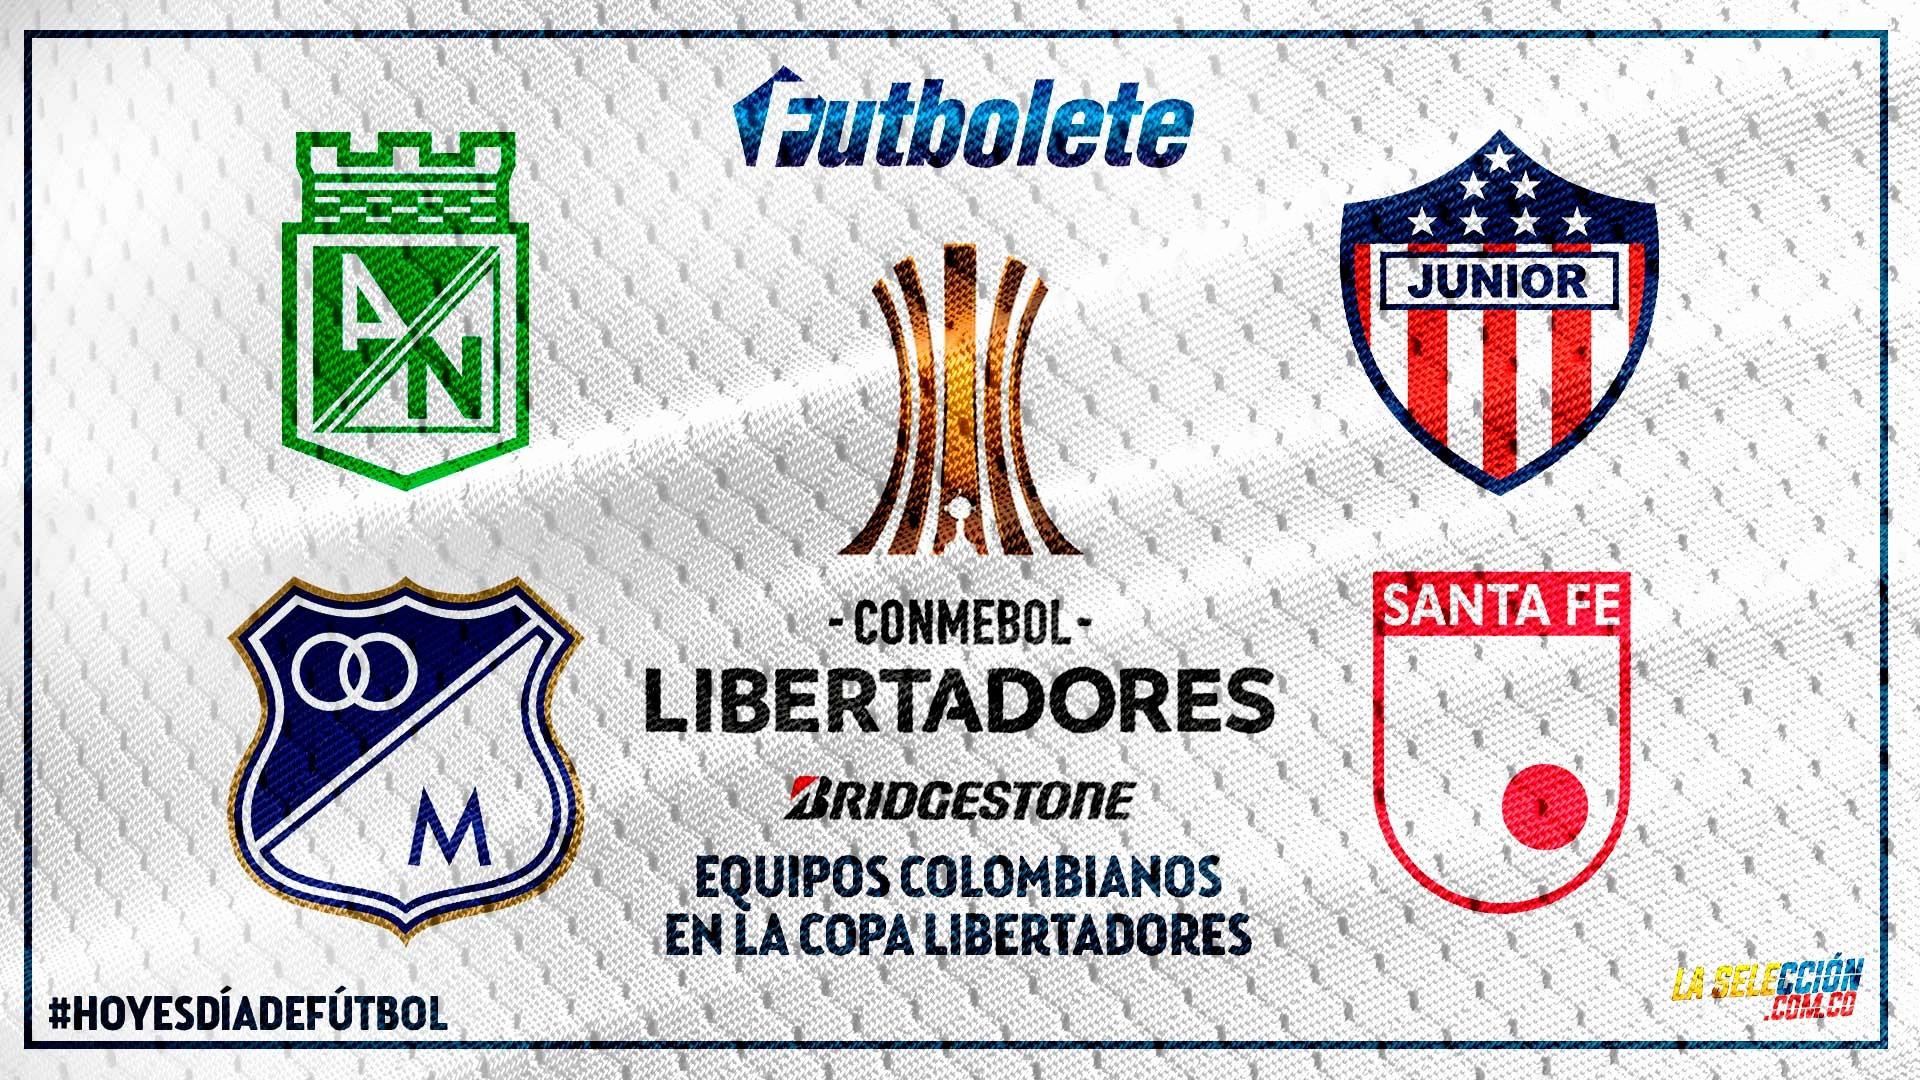 Calendario De Nacional En Copa Libertadores 2019 Calendario De atletico Nacional En El Grupo 2 De La Copa